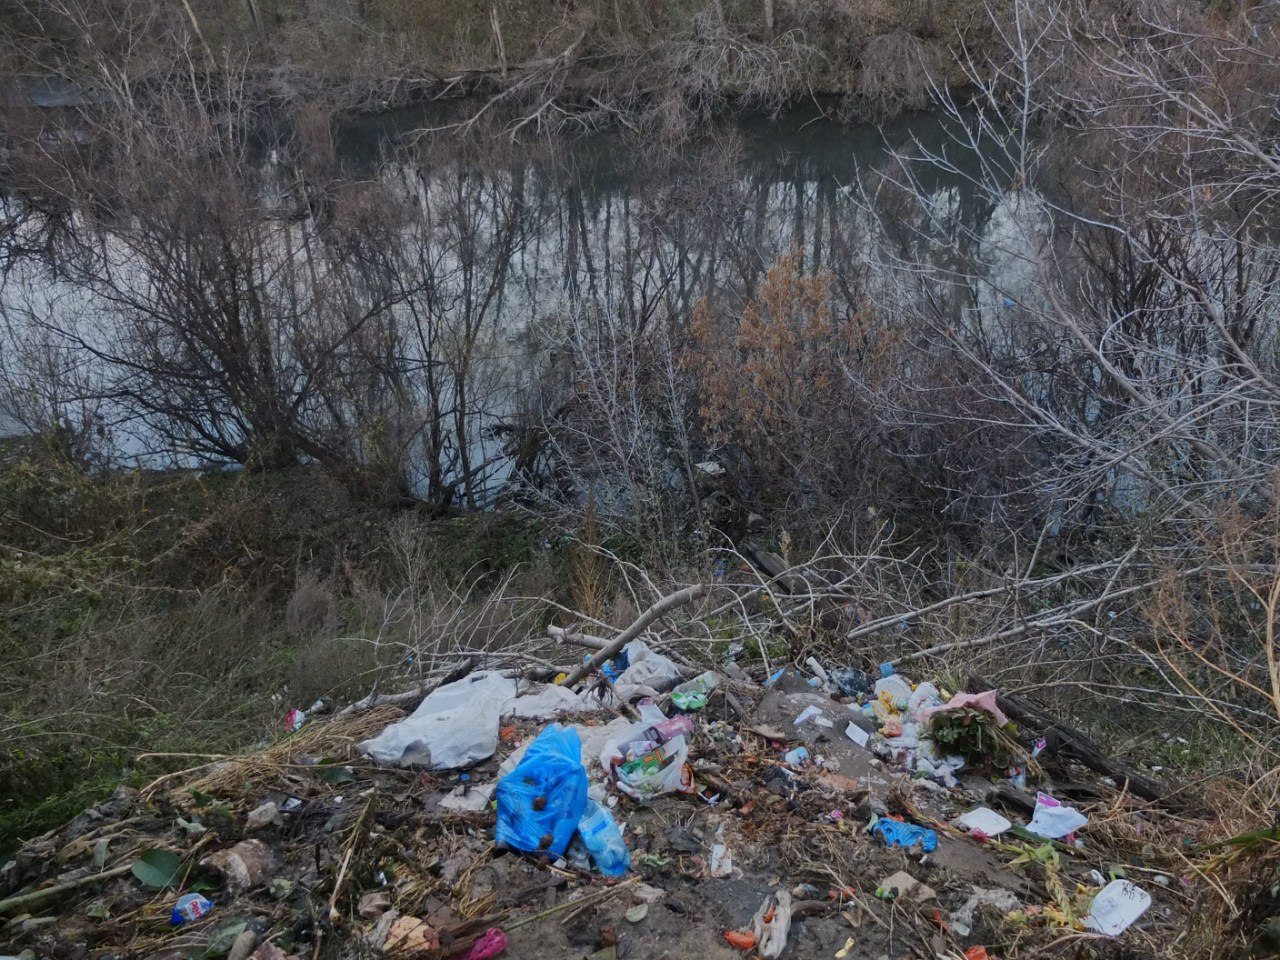 Жители частных домов сваливают мусор прямо в овраг